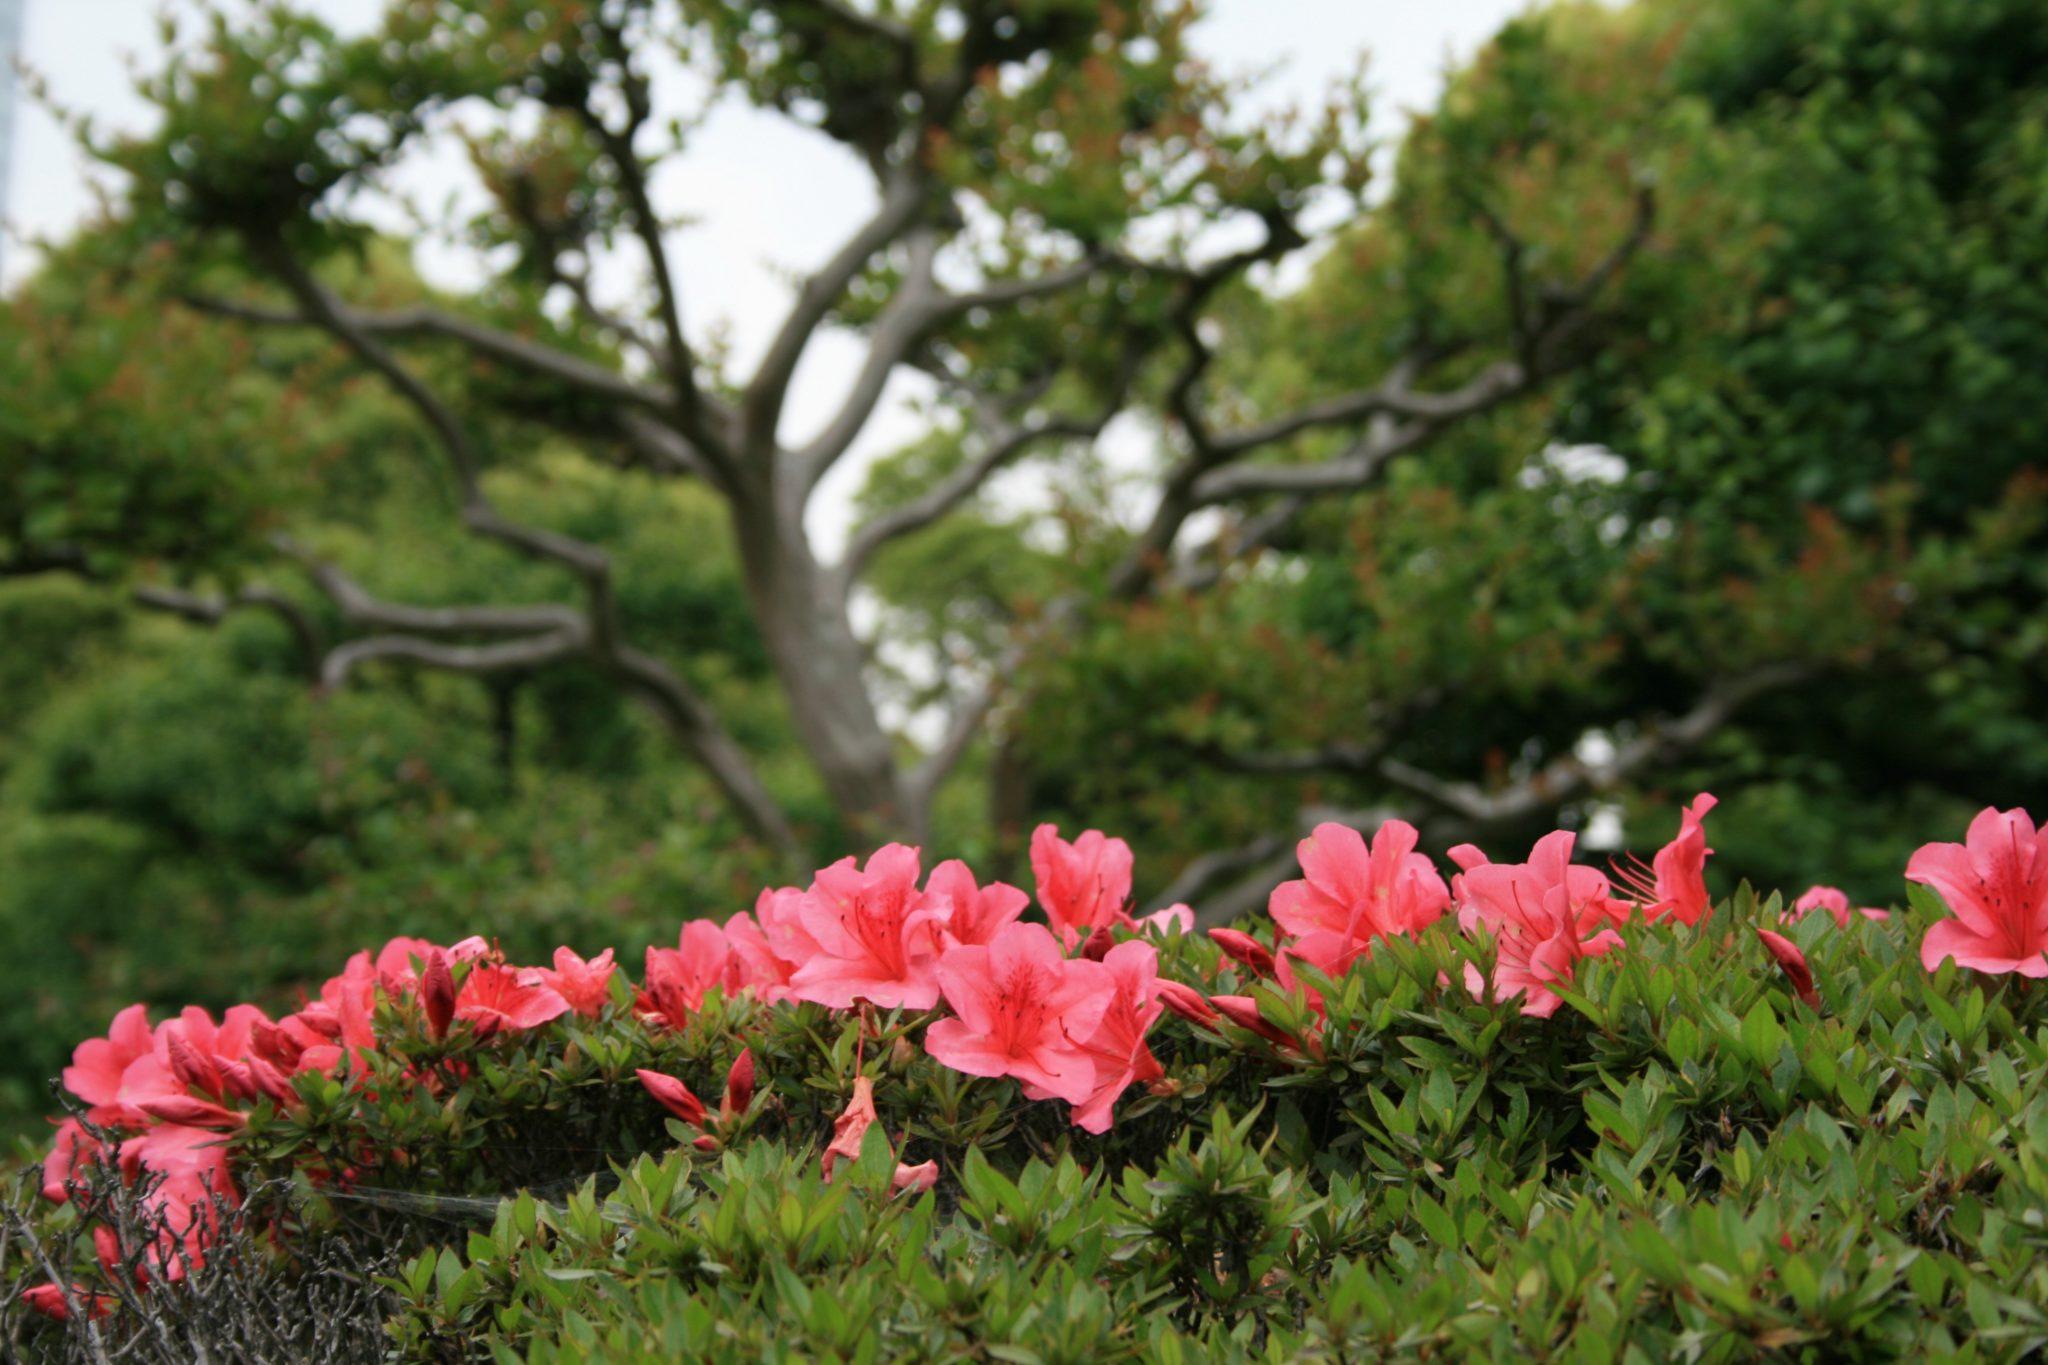 azalea toxic to dogs and cats